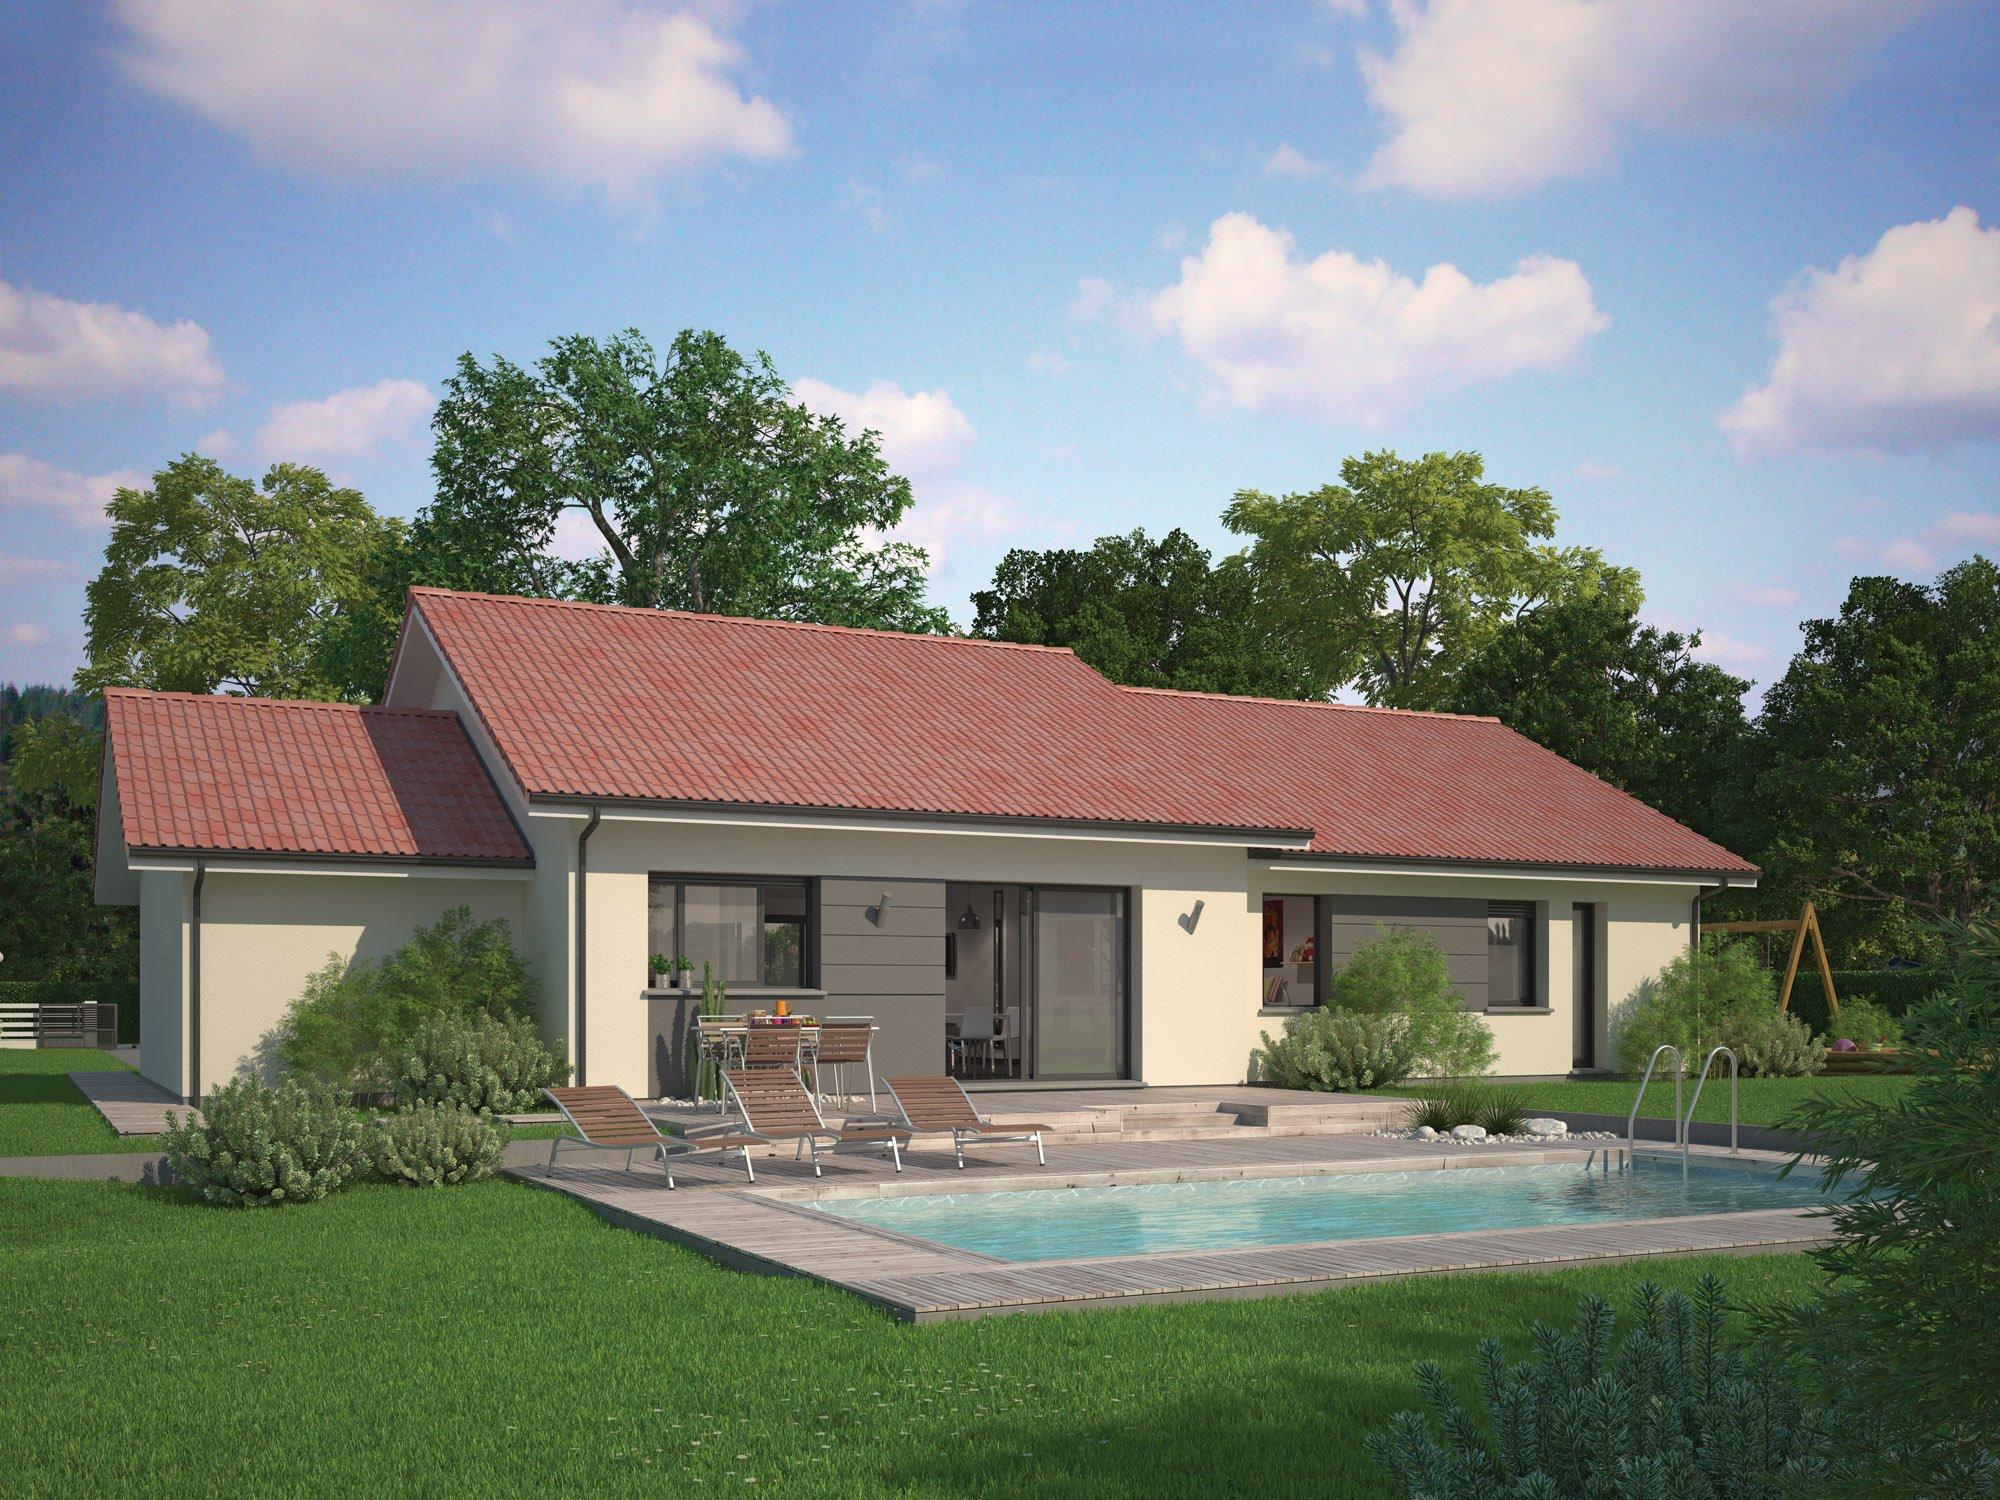 Maisons + Terrains du constructeur Maisons familiales Échirolles • 100 m² • VINAY